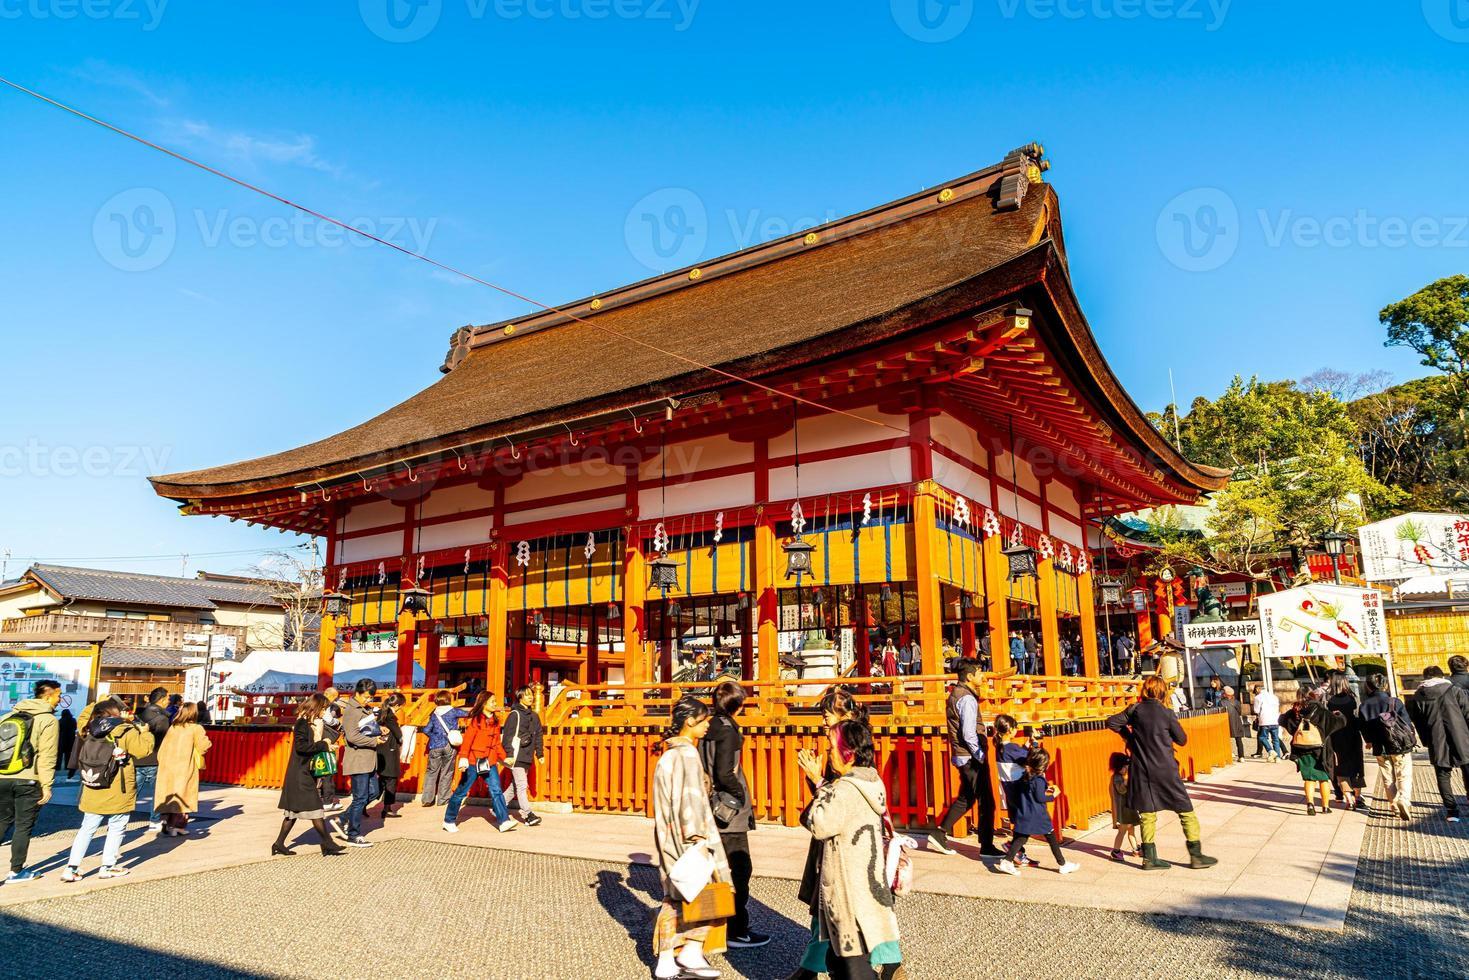 kyoto, japón - 11 de enero de 2020 - turismo en el santuario fushimi inari en kyoto, japón. foto